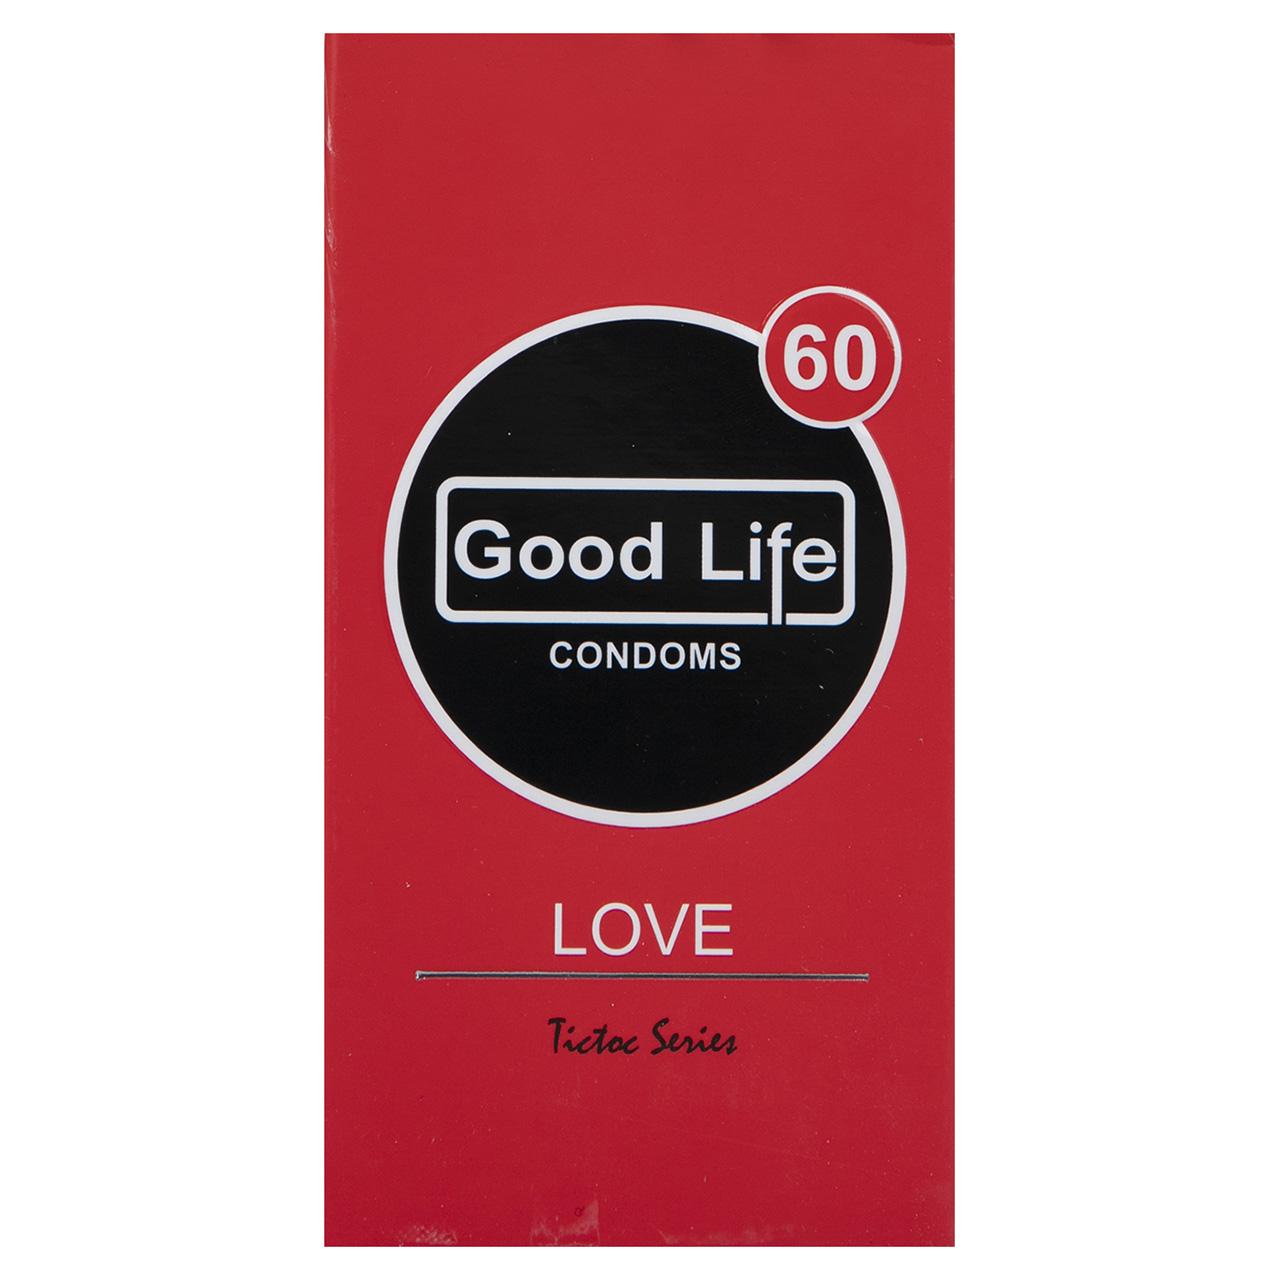 قیمت کاندوم گودلایف مدل Love بسته 12 عددی